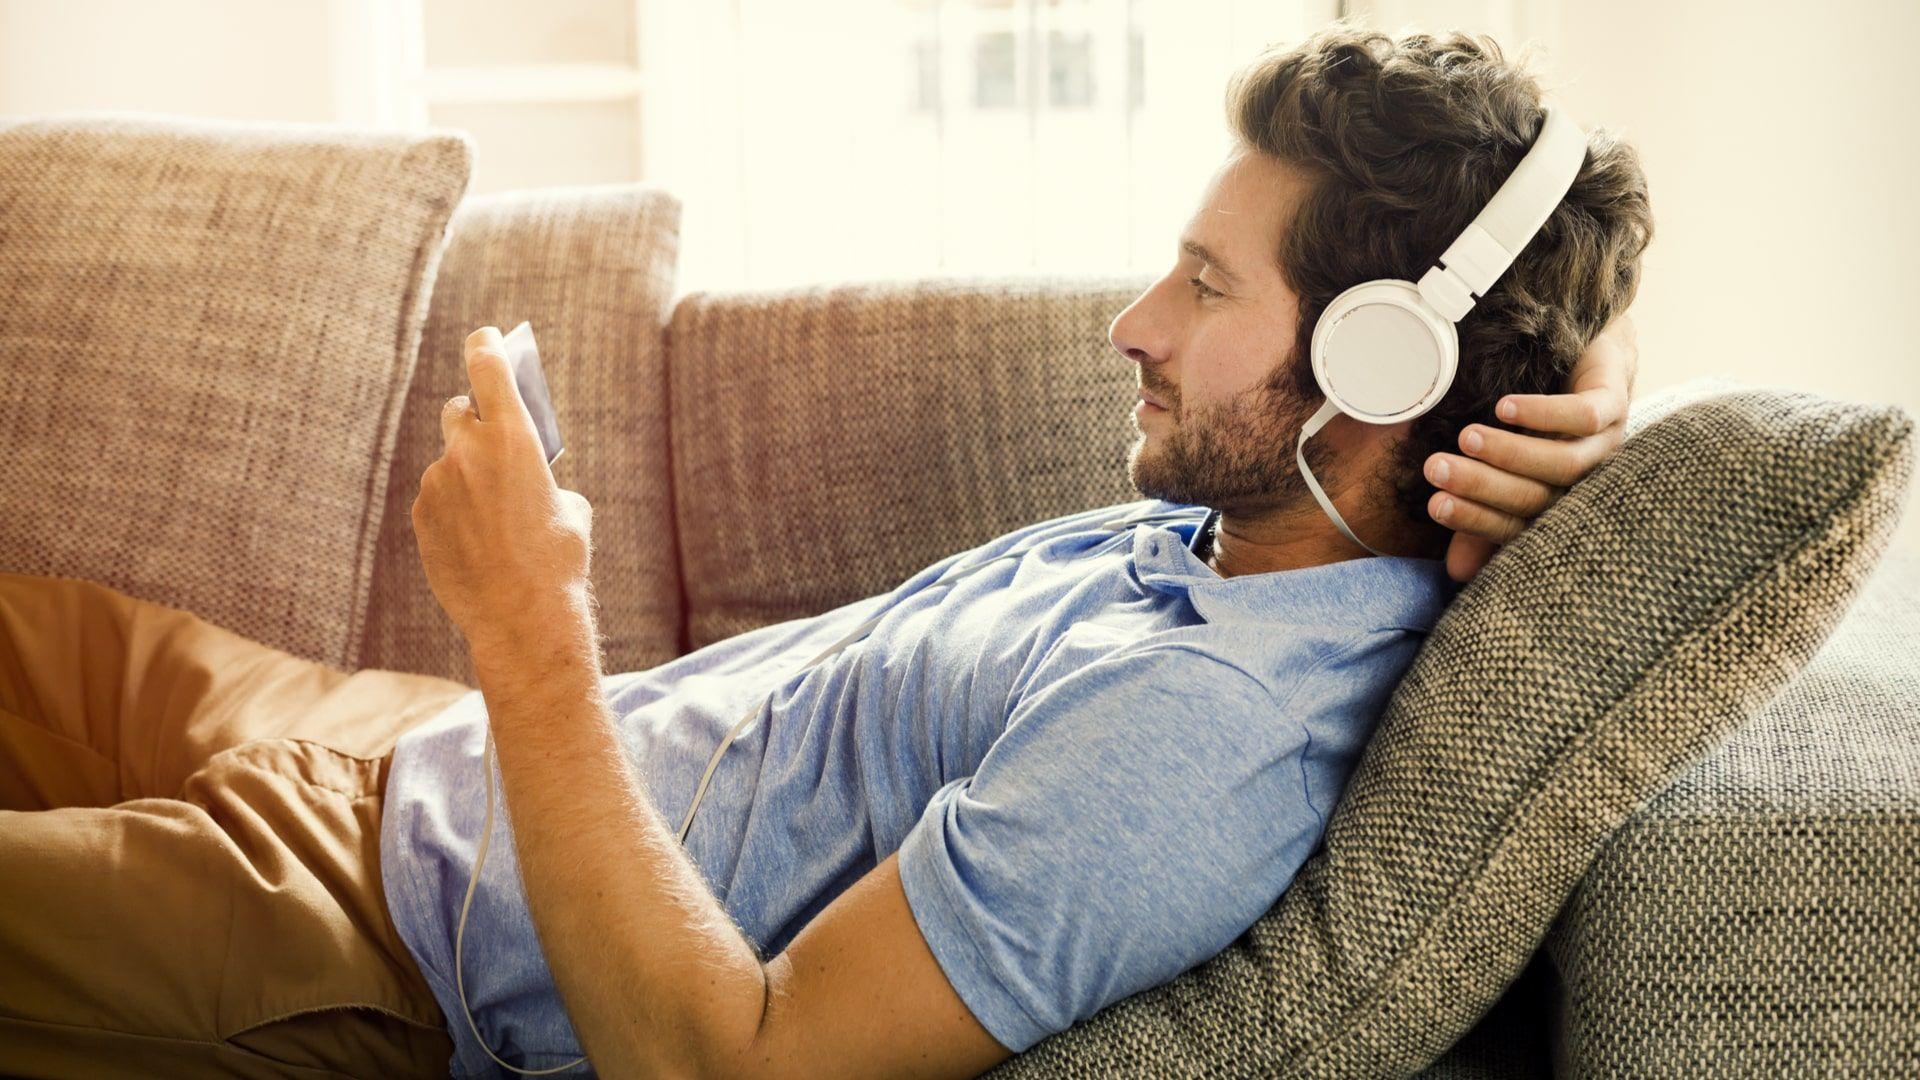 Procurando o melhor fone de ouvido? Veja modelos para usar com o celular (Foto: Shutterstock)